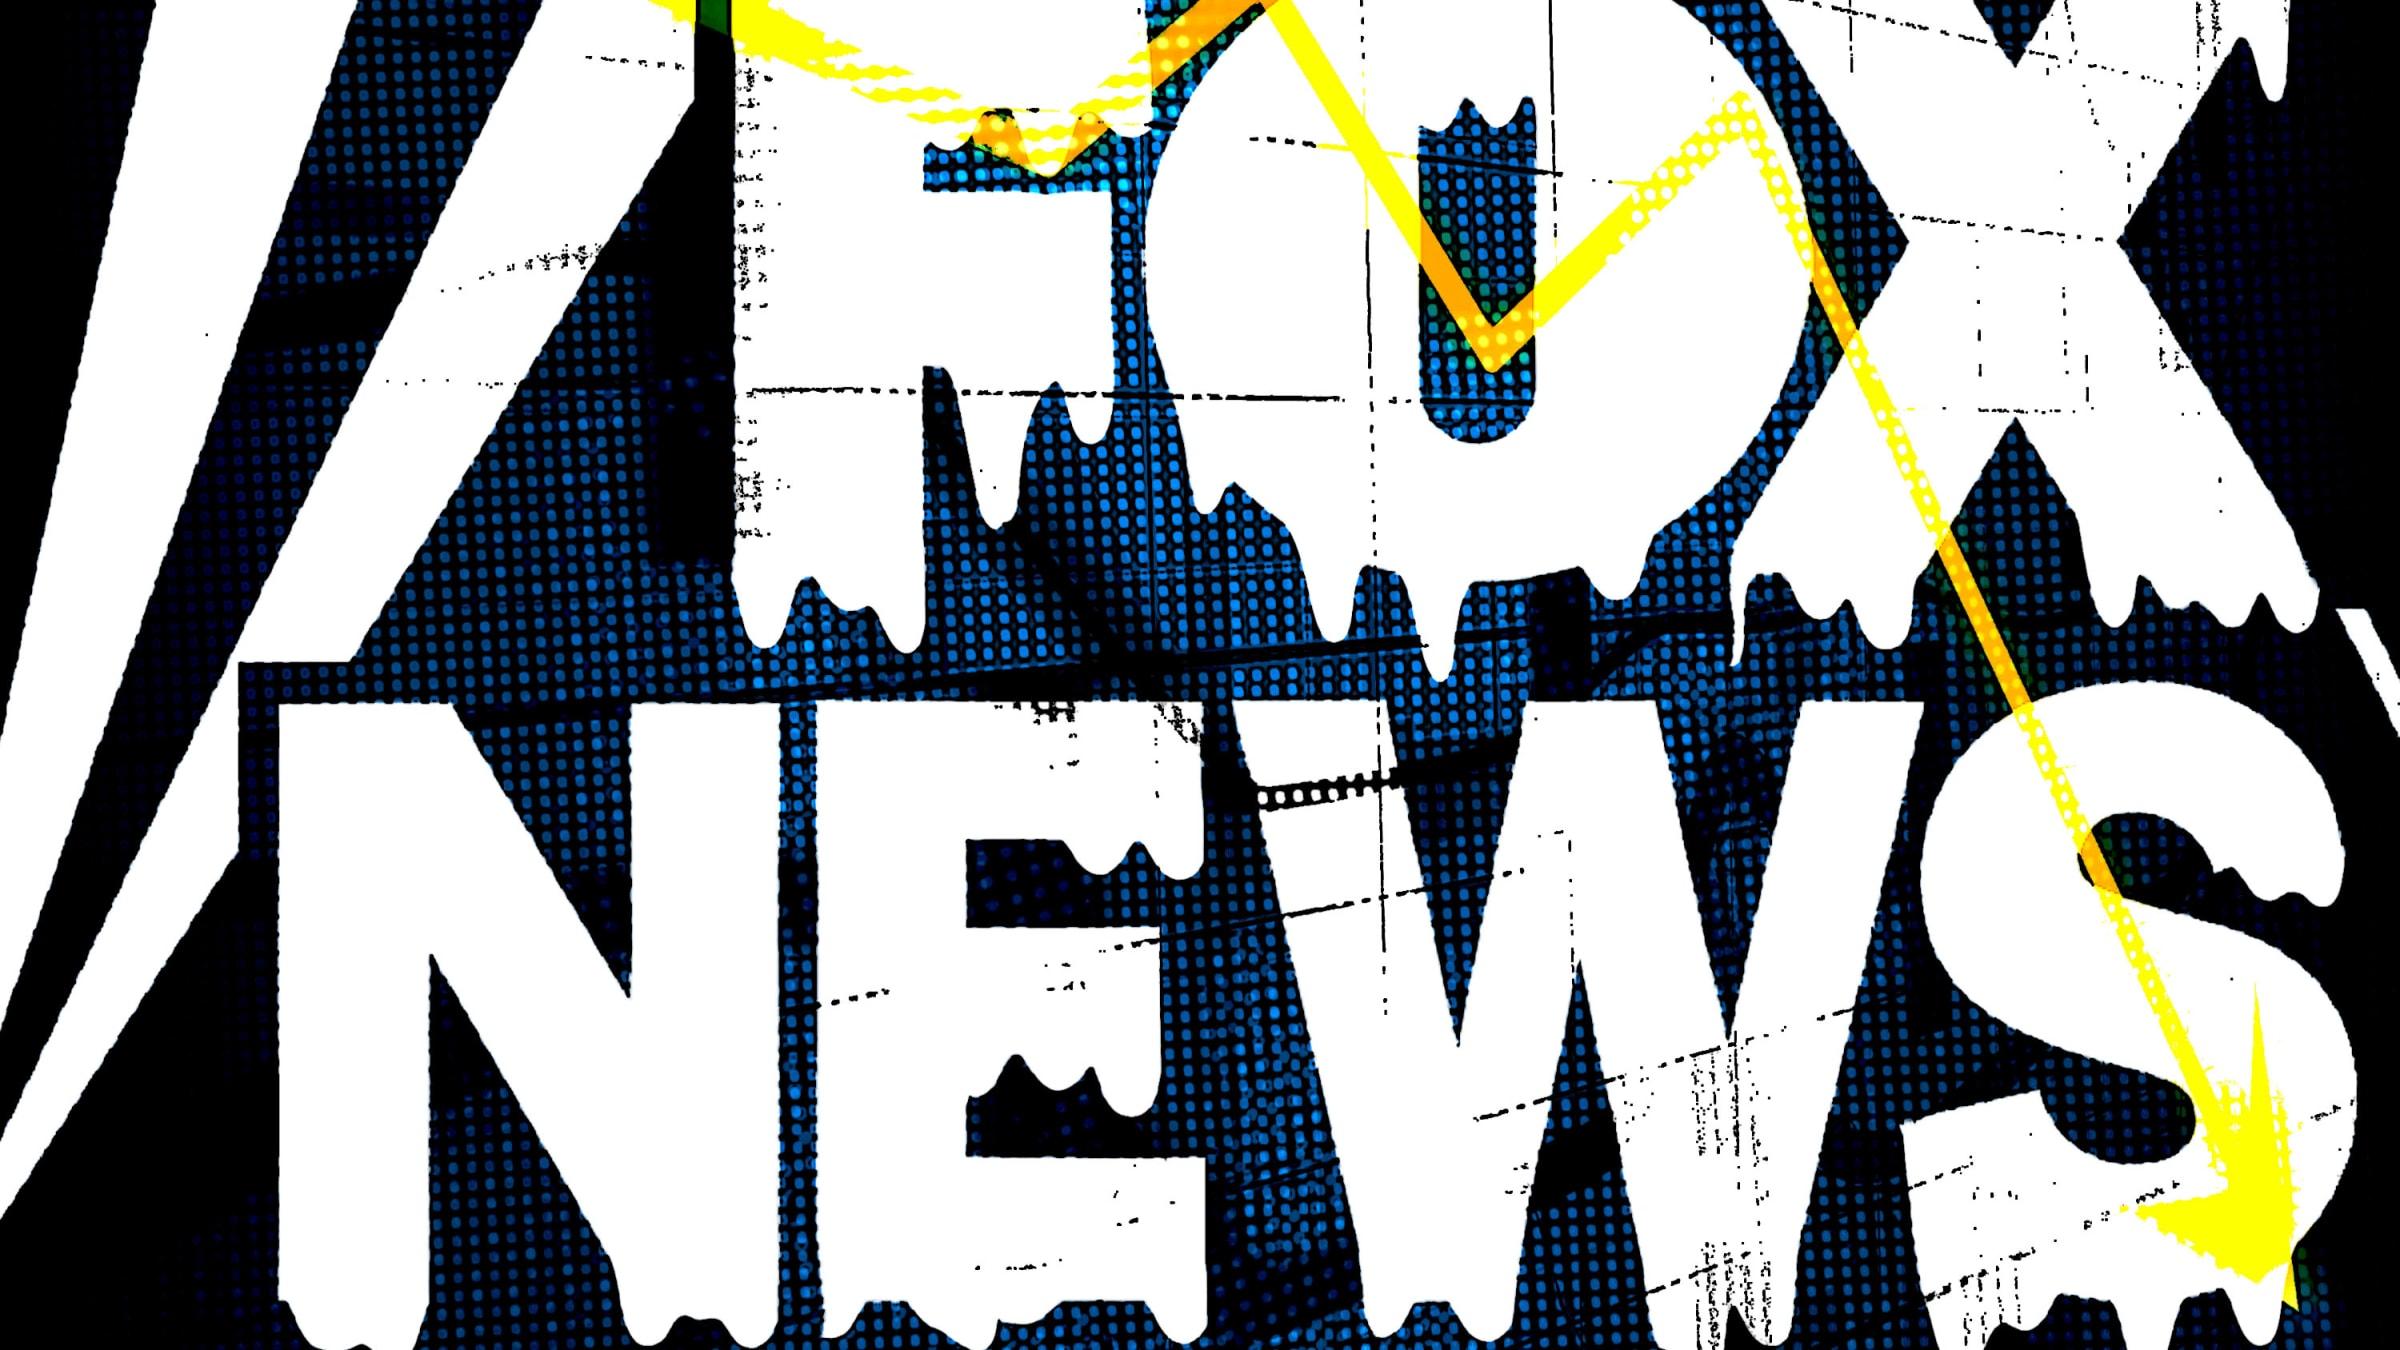 Nbc news pierde in greutate. Howard Lederer